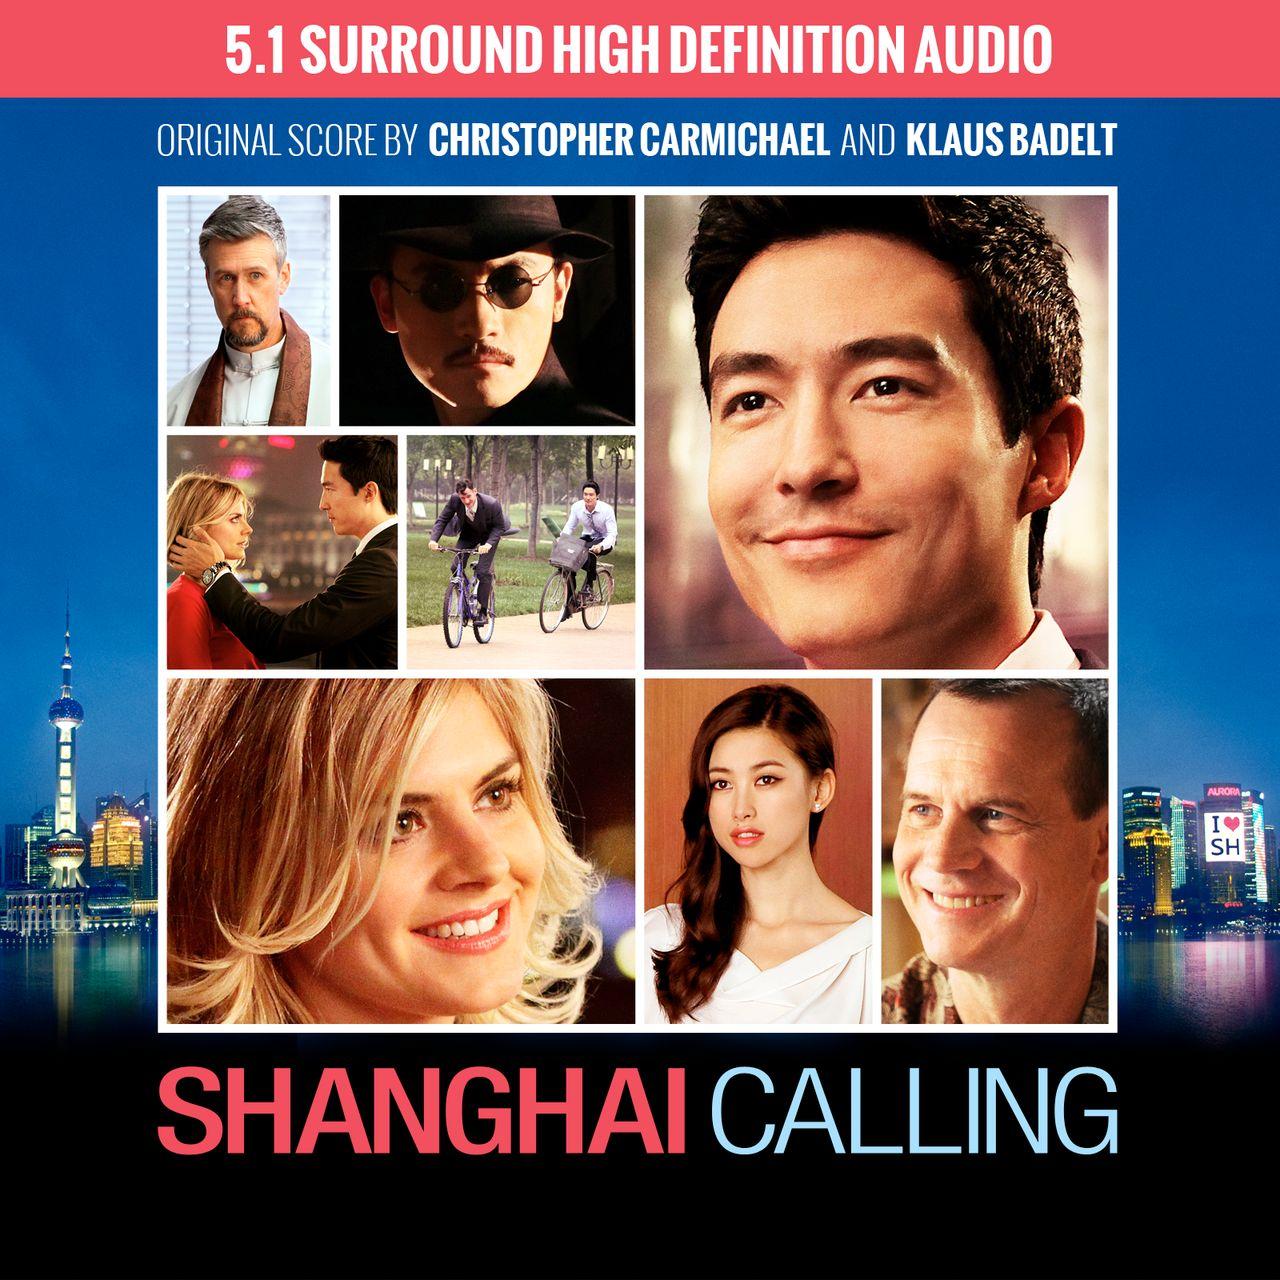 Shanghai Calling (Original Score) - FLAC Surround 24 Bit